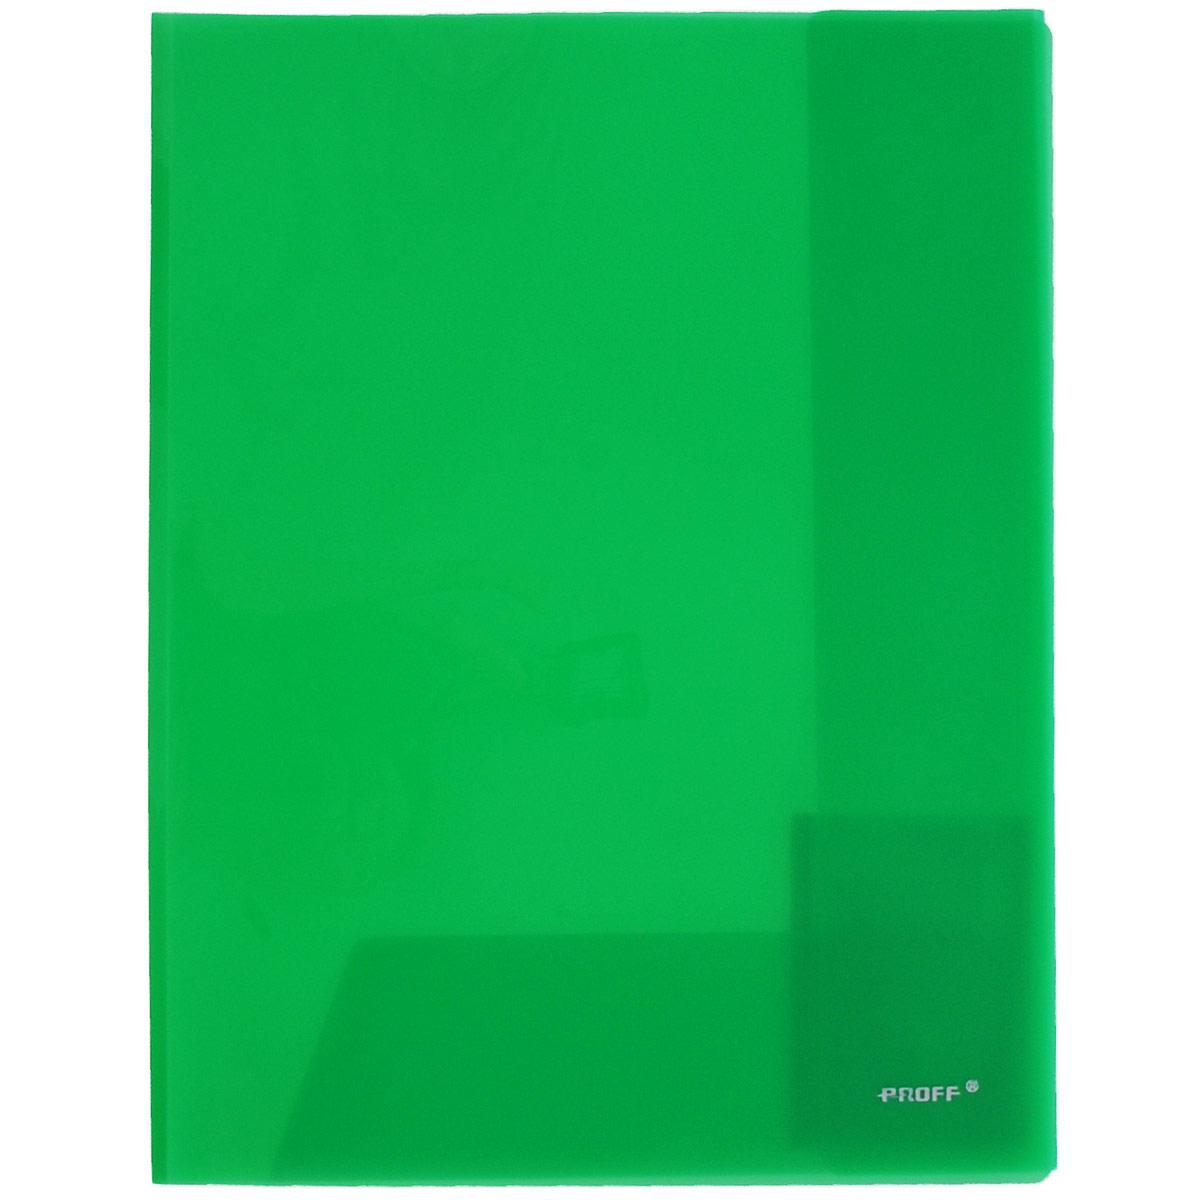 Папка-уголок Proff, цвет: зеленый, 2 клапана. Формат А4 proff папка для бумаг ultra на резинке формат a4 цвет синий